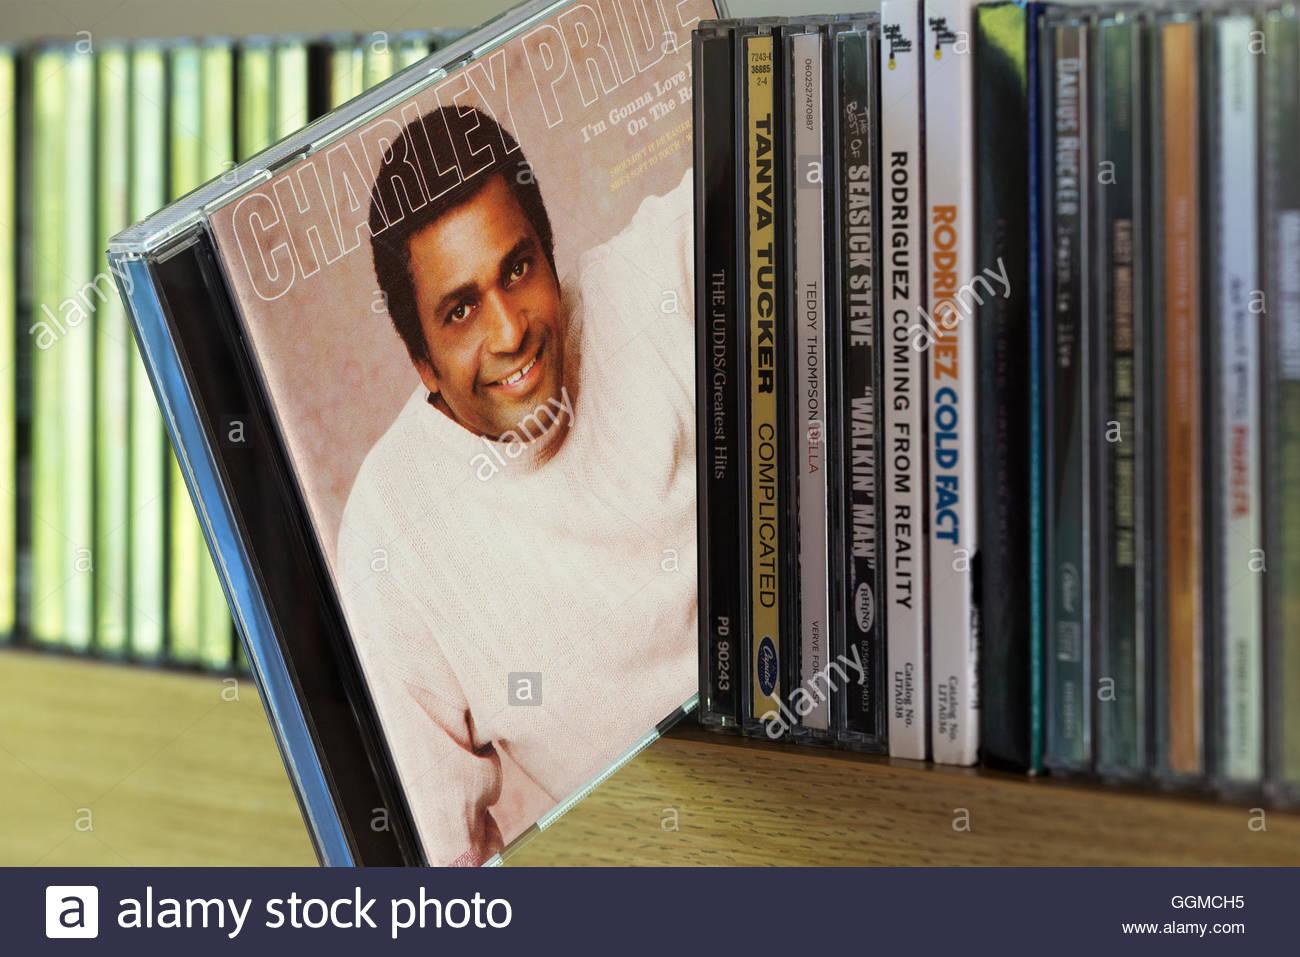 Charley Pride mi stupirà il suo amore sulla Radio CD tirata fuori da tra gli altri CD su un ripiano Immagini Stock